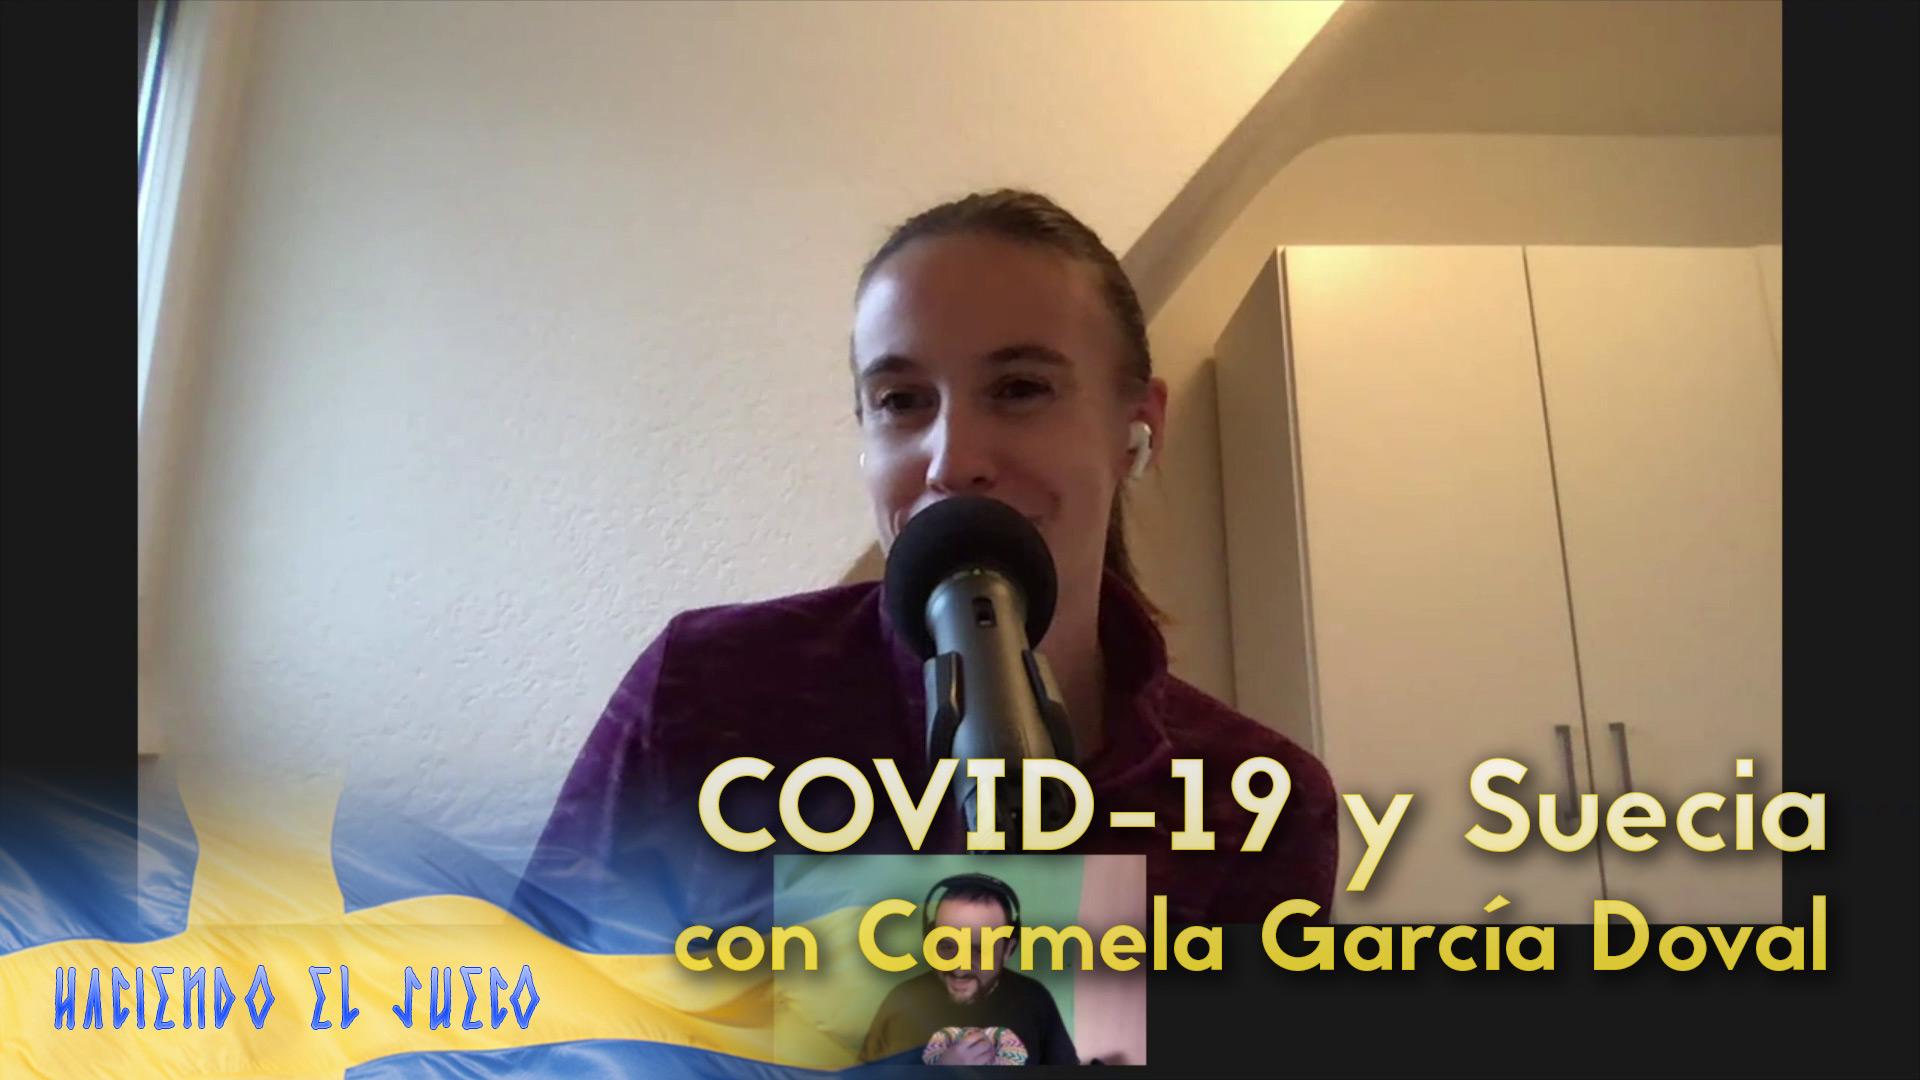 La estrategia sueca del COVID-19 con Carmela García Doval